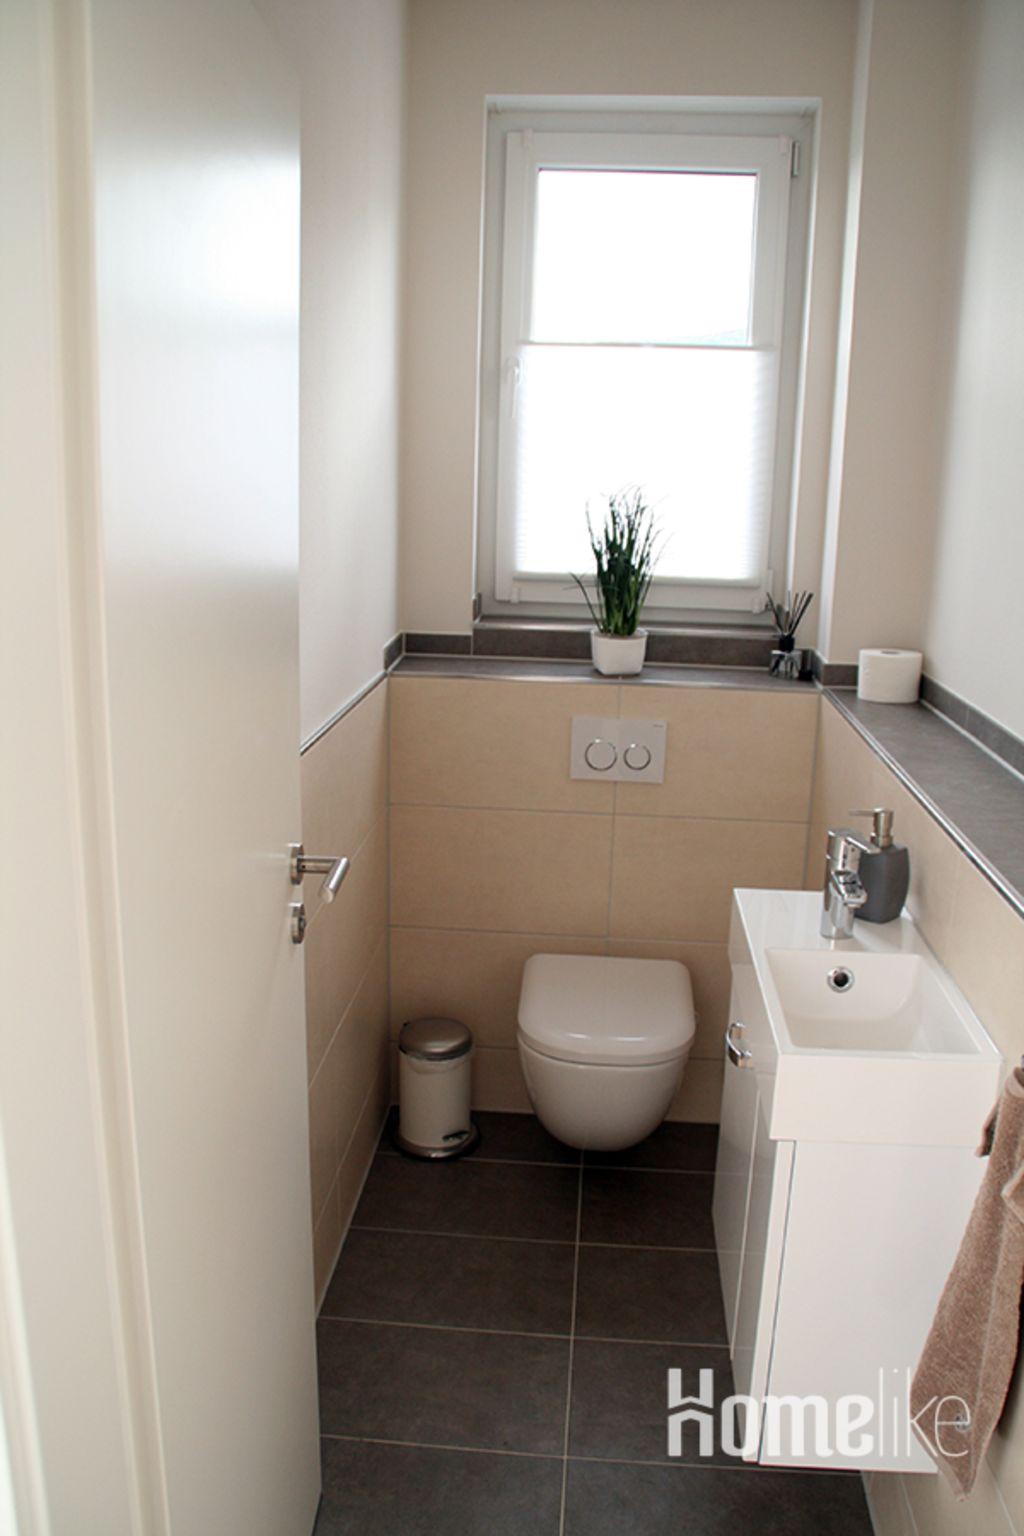 image 8 furnished 2 bedroom Apartment for rent in Koblenz, Koblenz